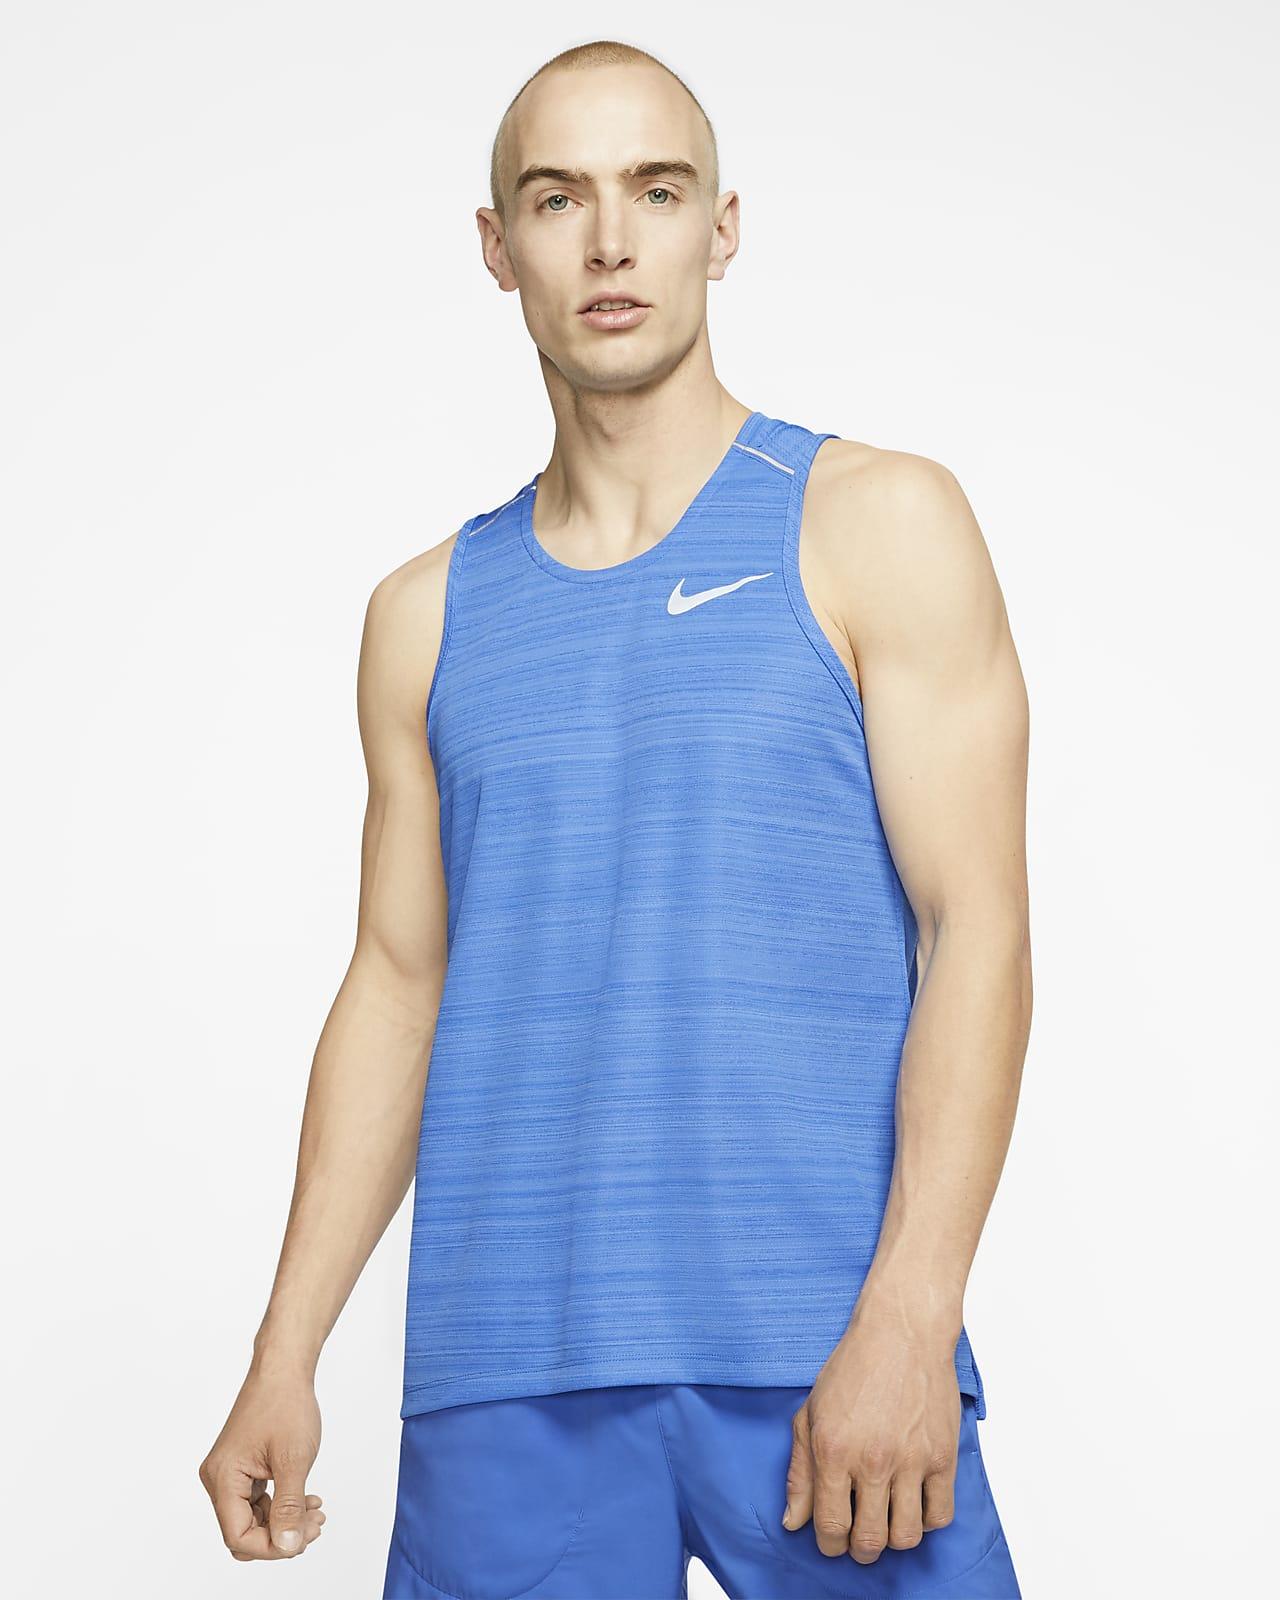 Nike Herren Tank Top Dri-fit Miler